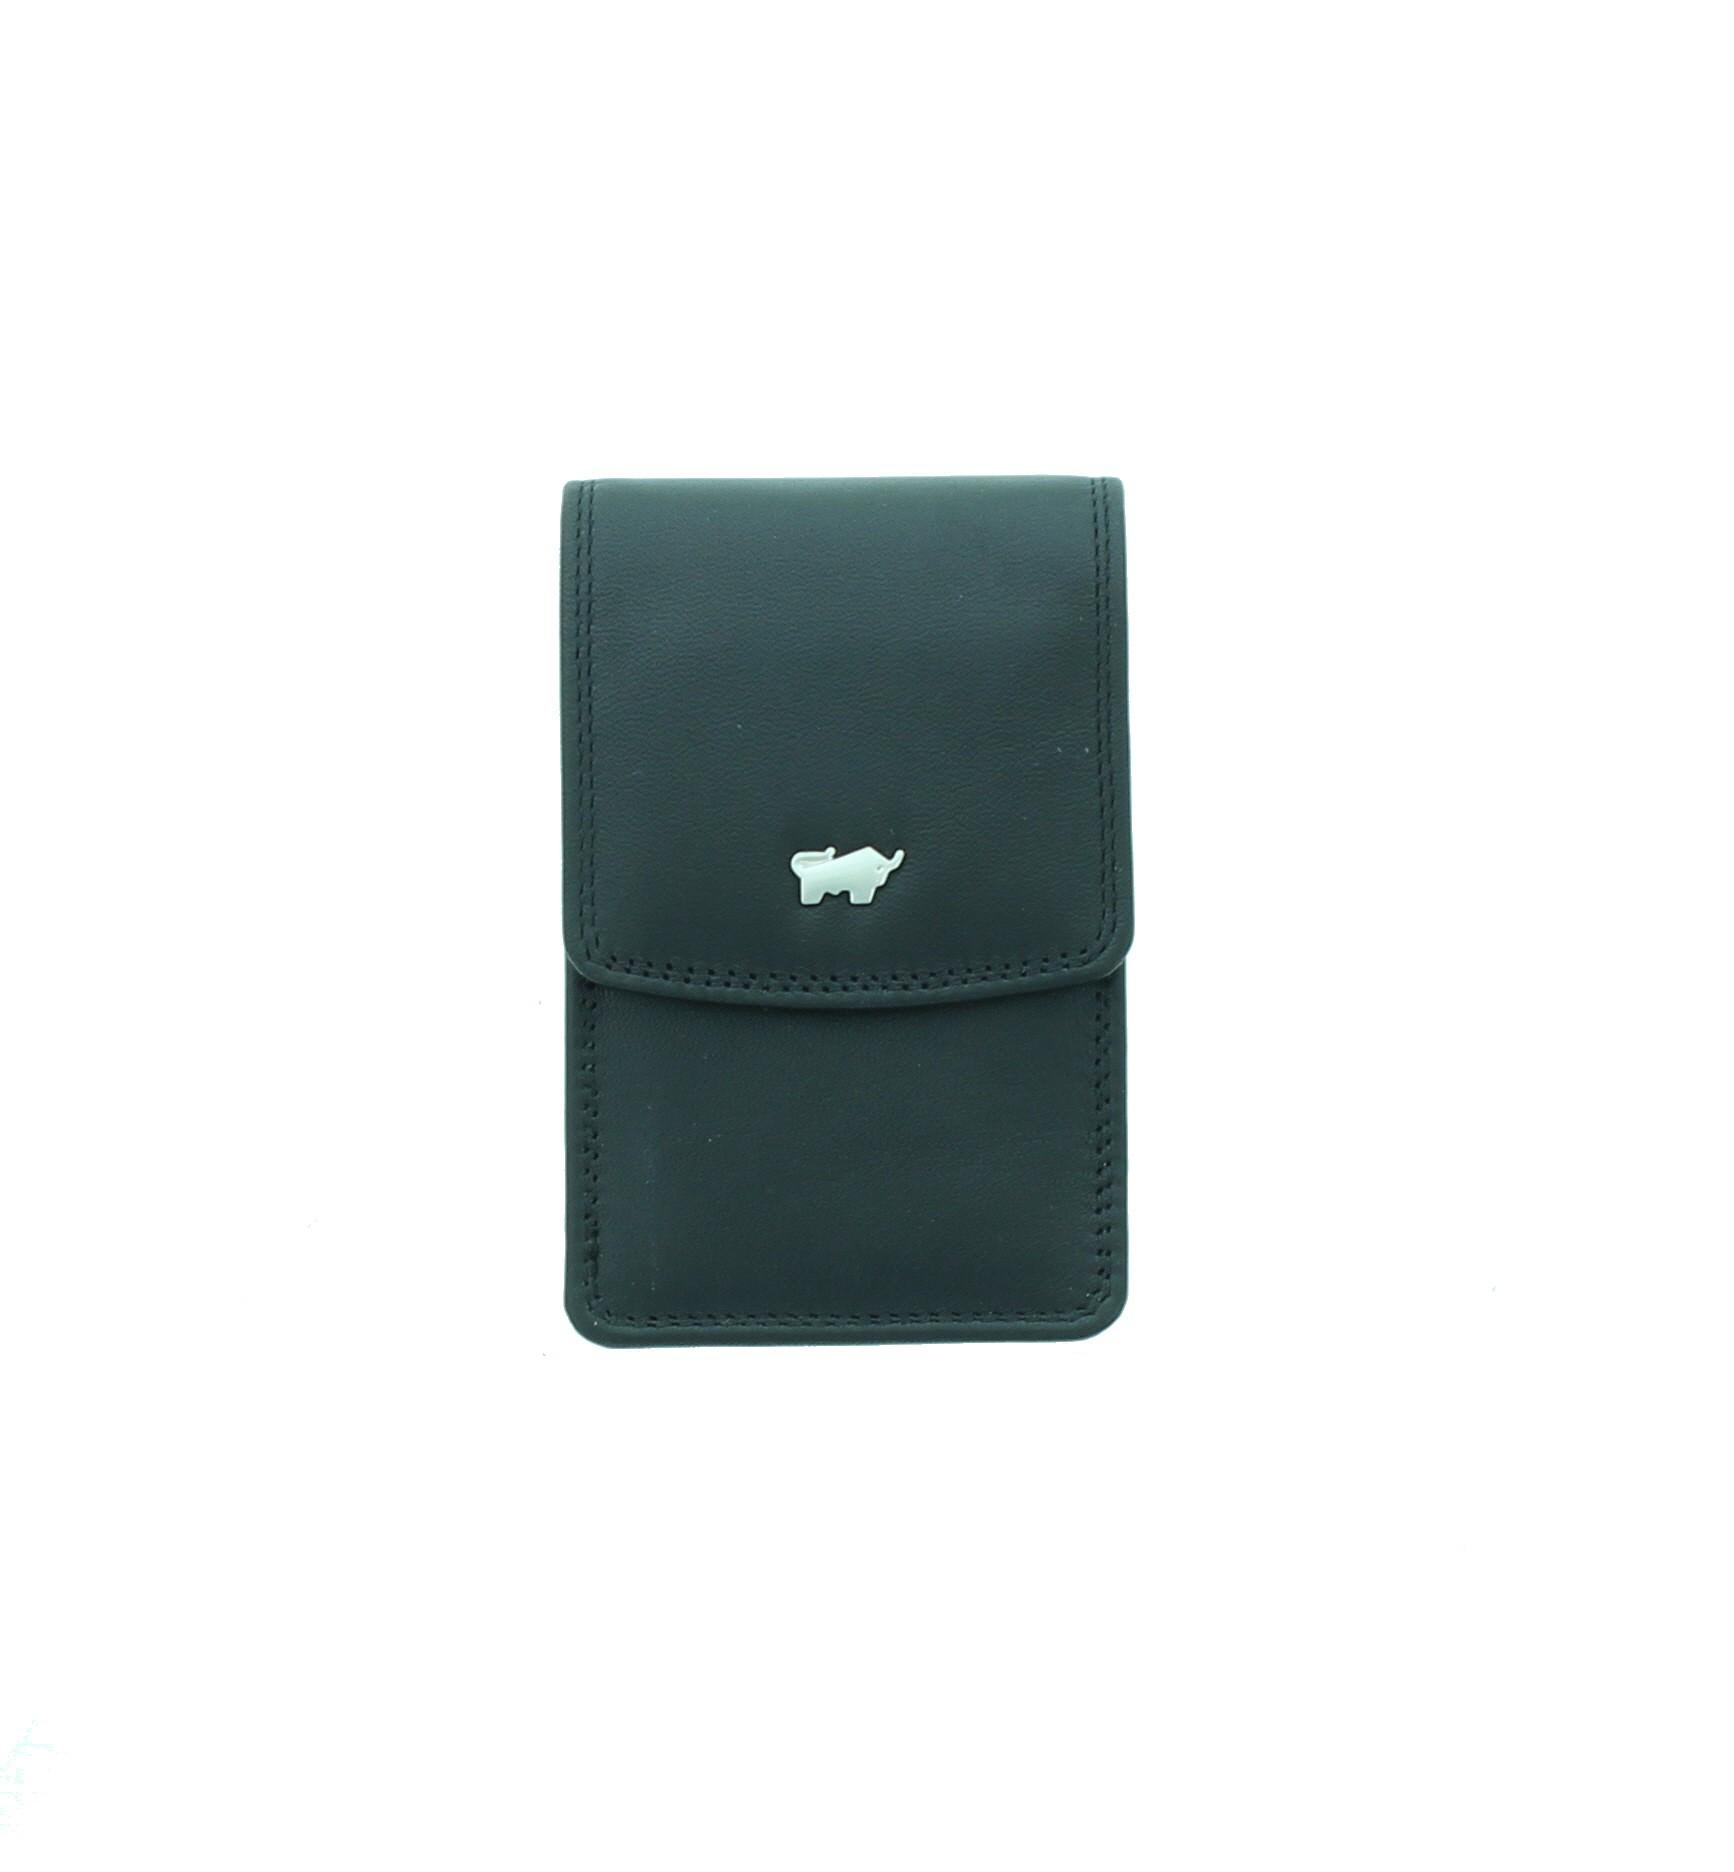 zigarettenetui-golf-schwarz-feinnarbiges Rindleder-92907-051-010-31